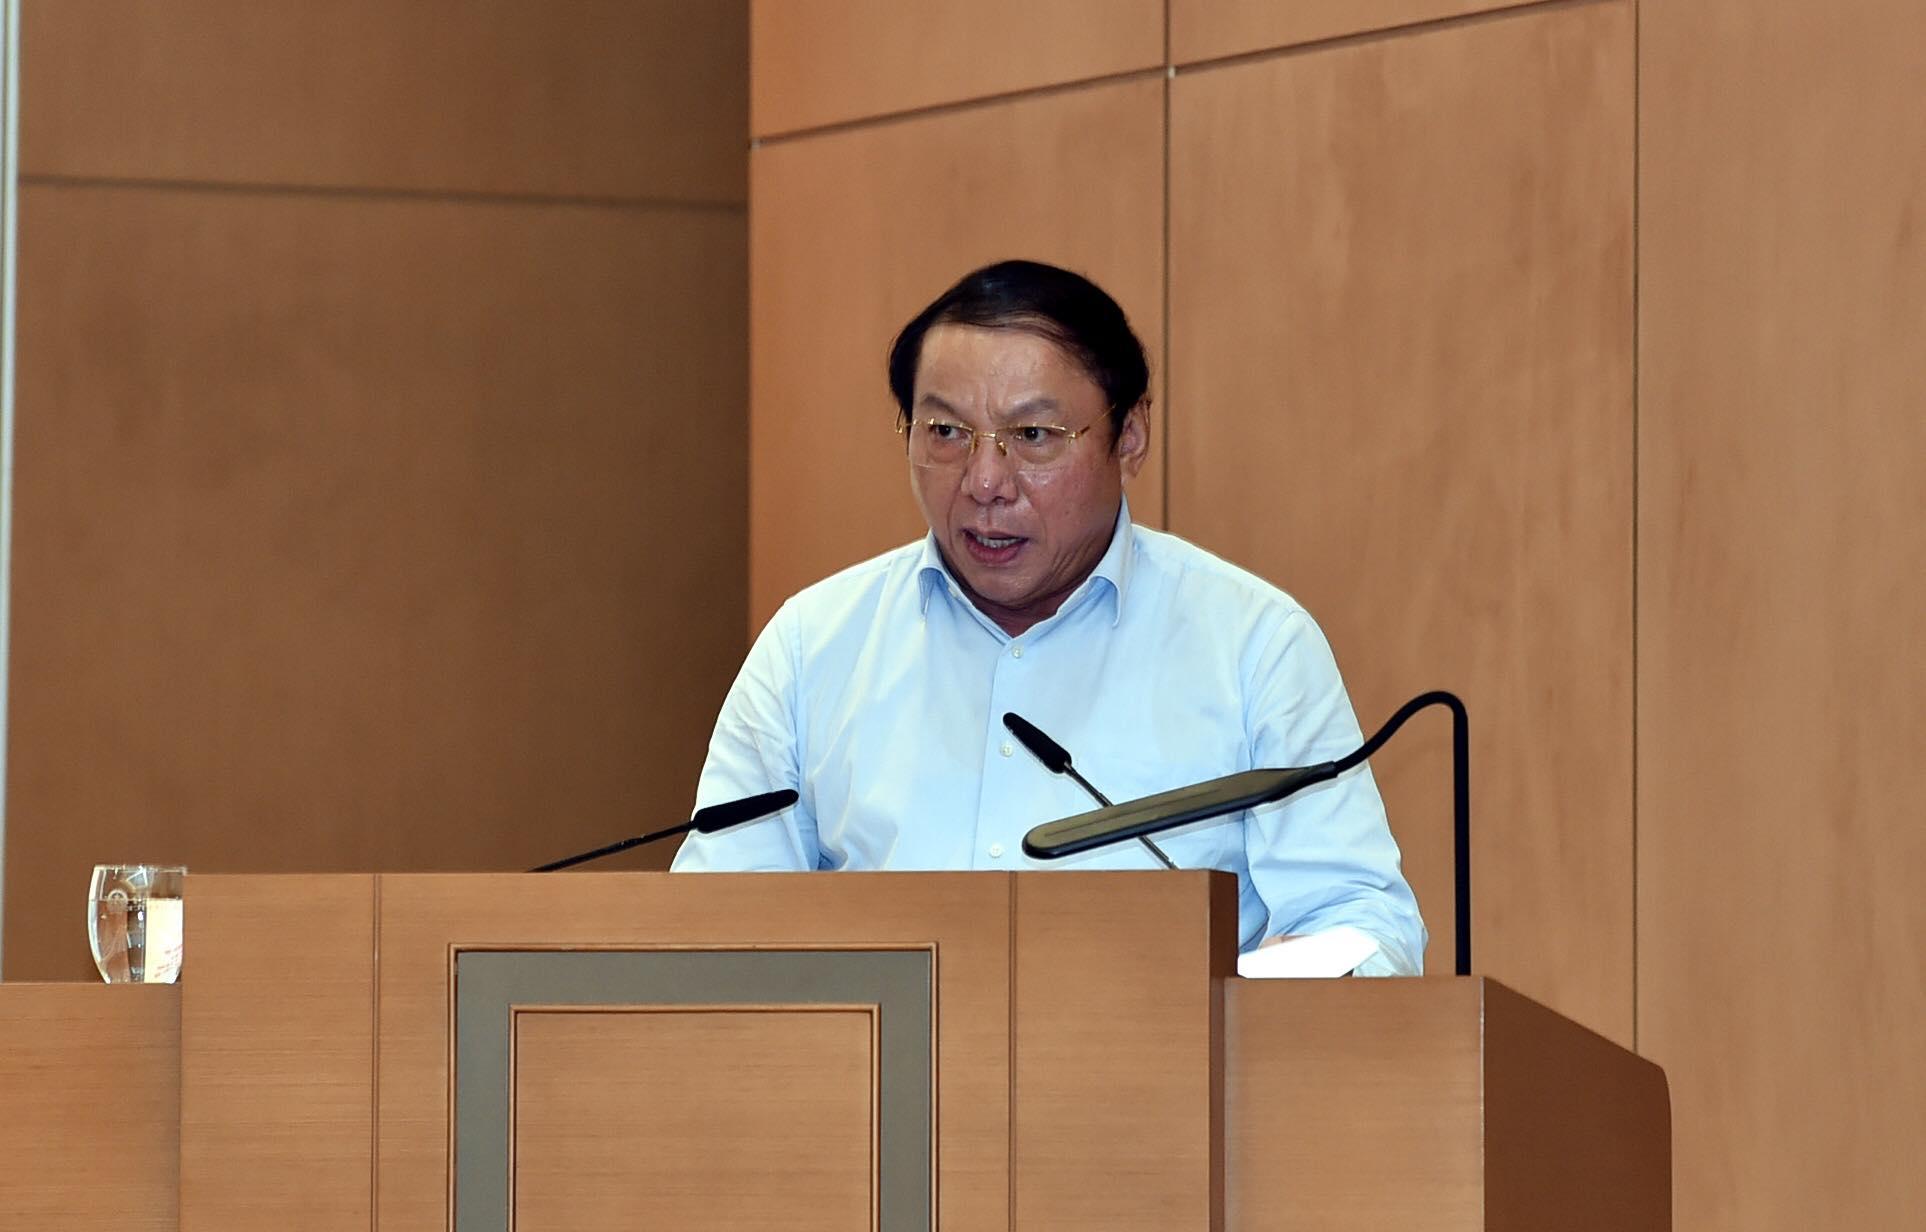 Phát biểu của Bộ trưởng Nguyễn Văn Hùng tại phiên họp đầu tiên của Chính phủ nhiệm kỳ 2021-2026